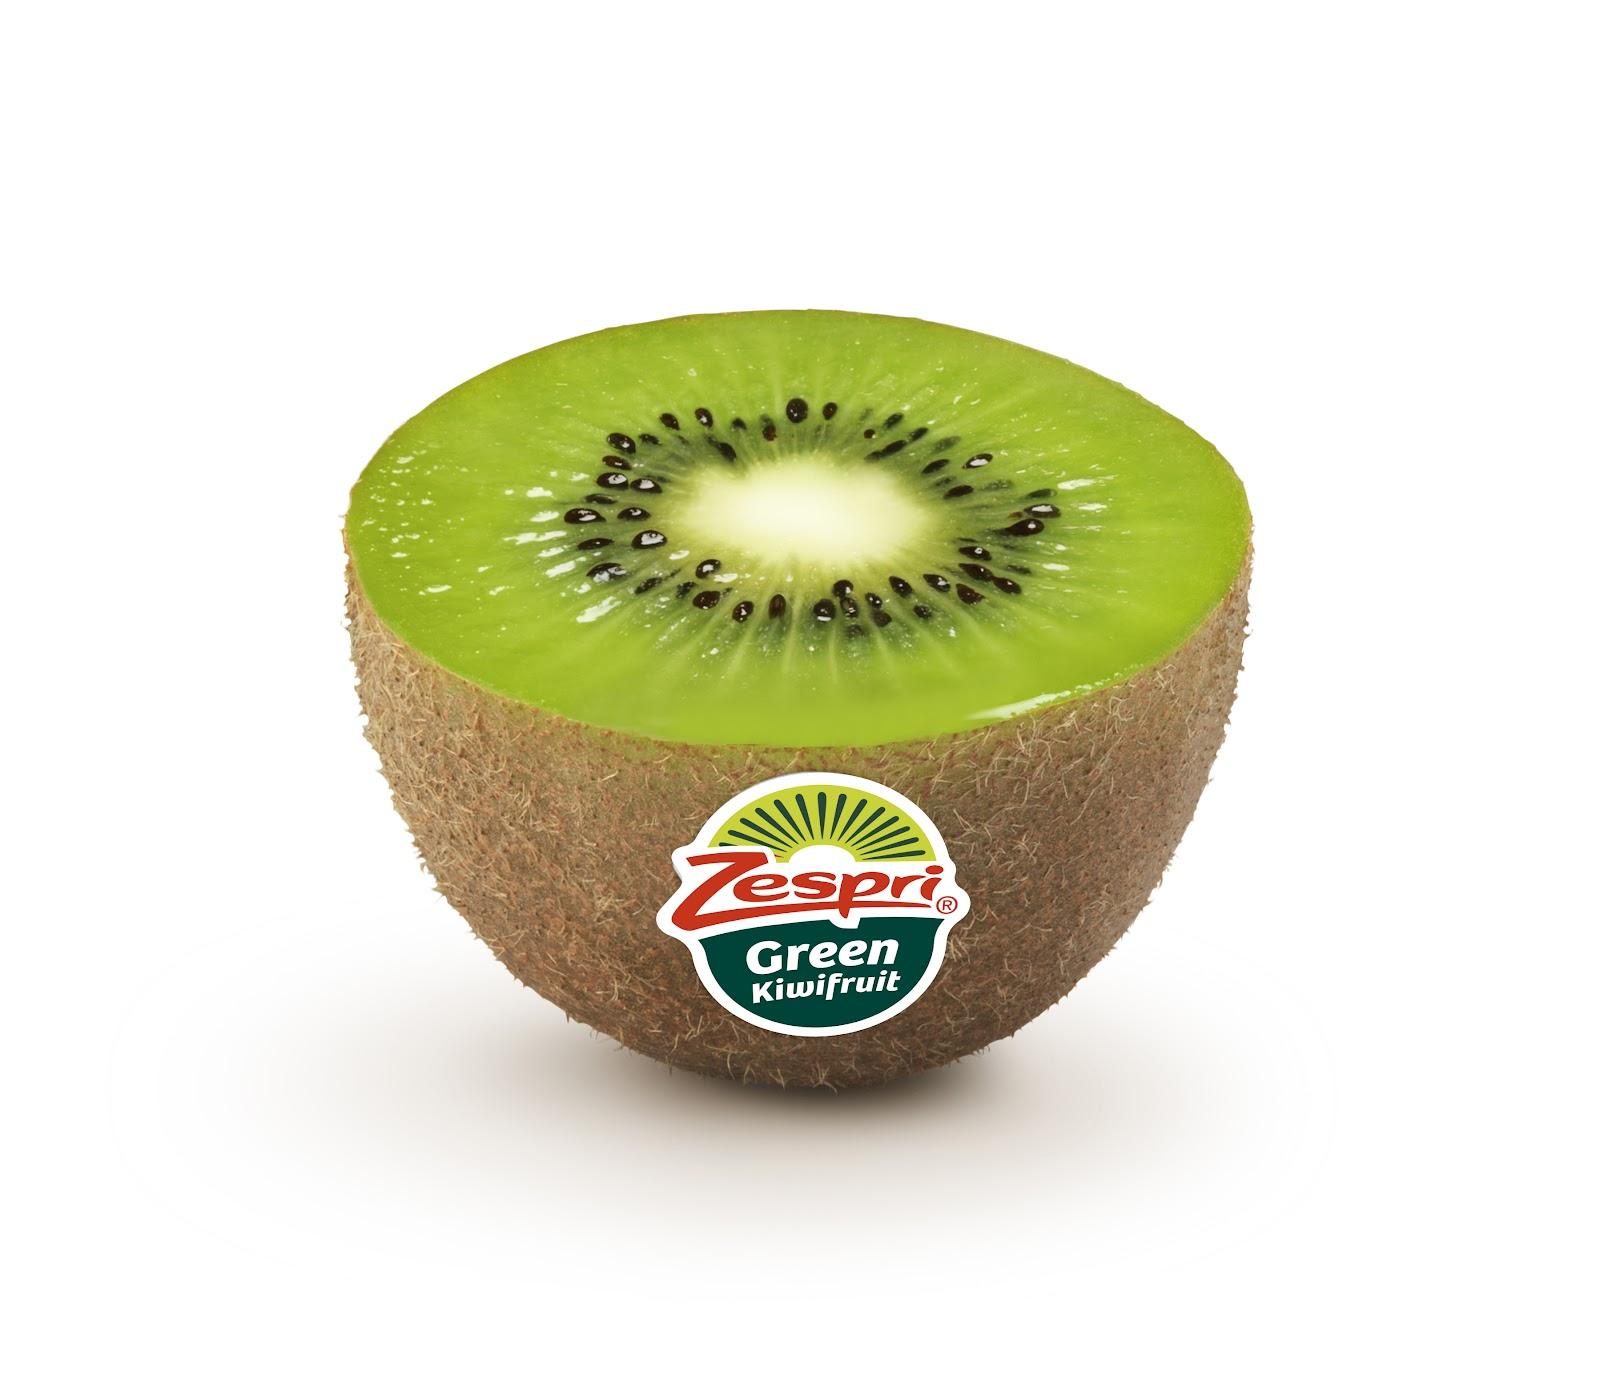 Origen y beneficios de los kiwi Zespri 1